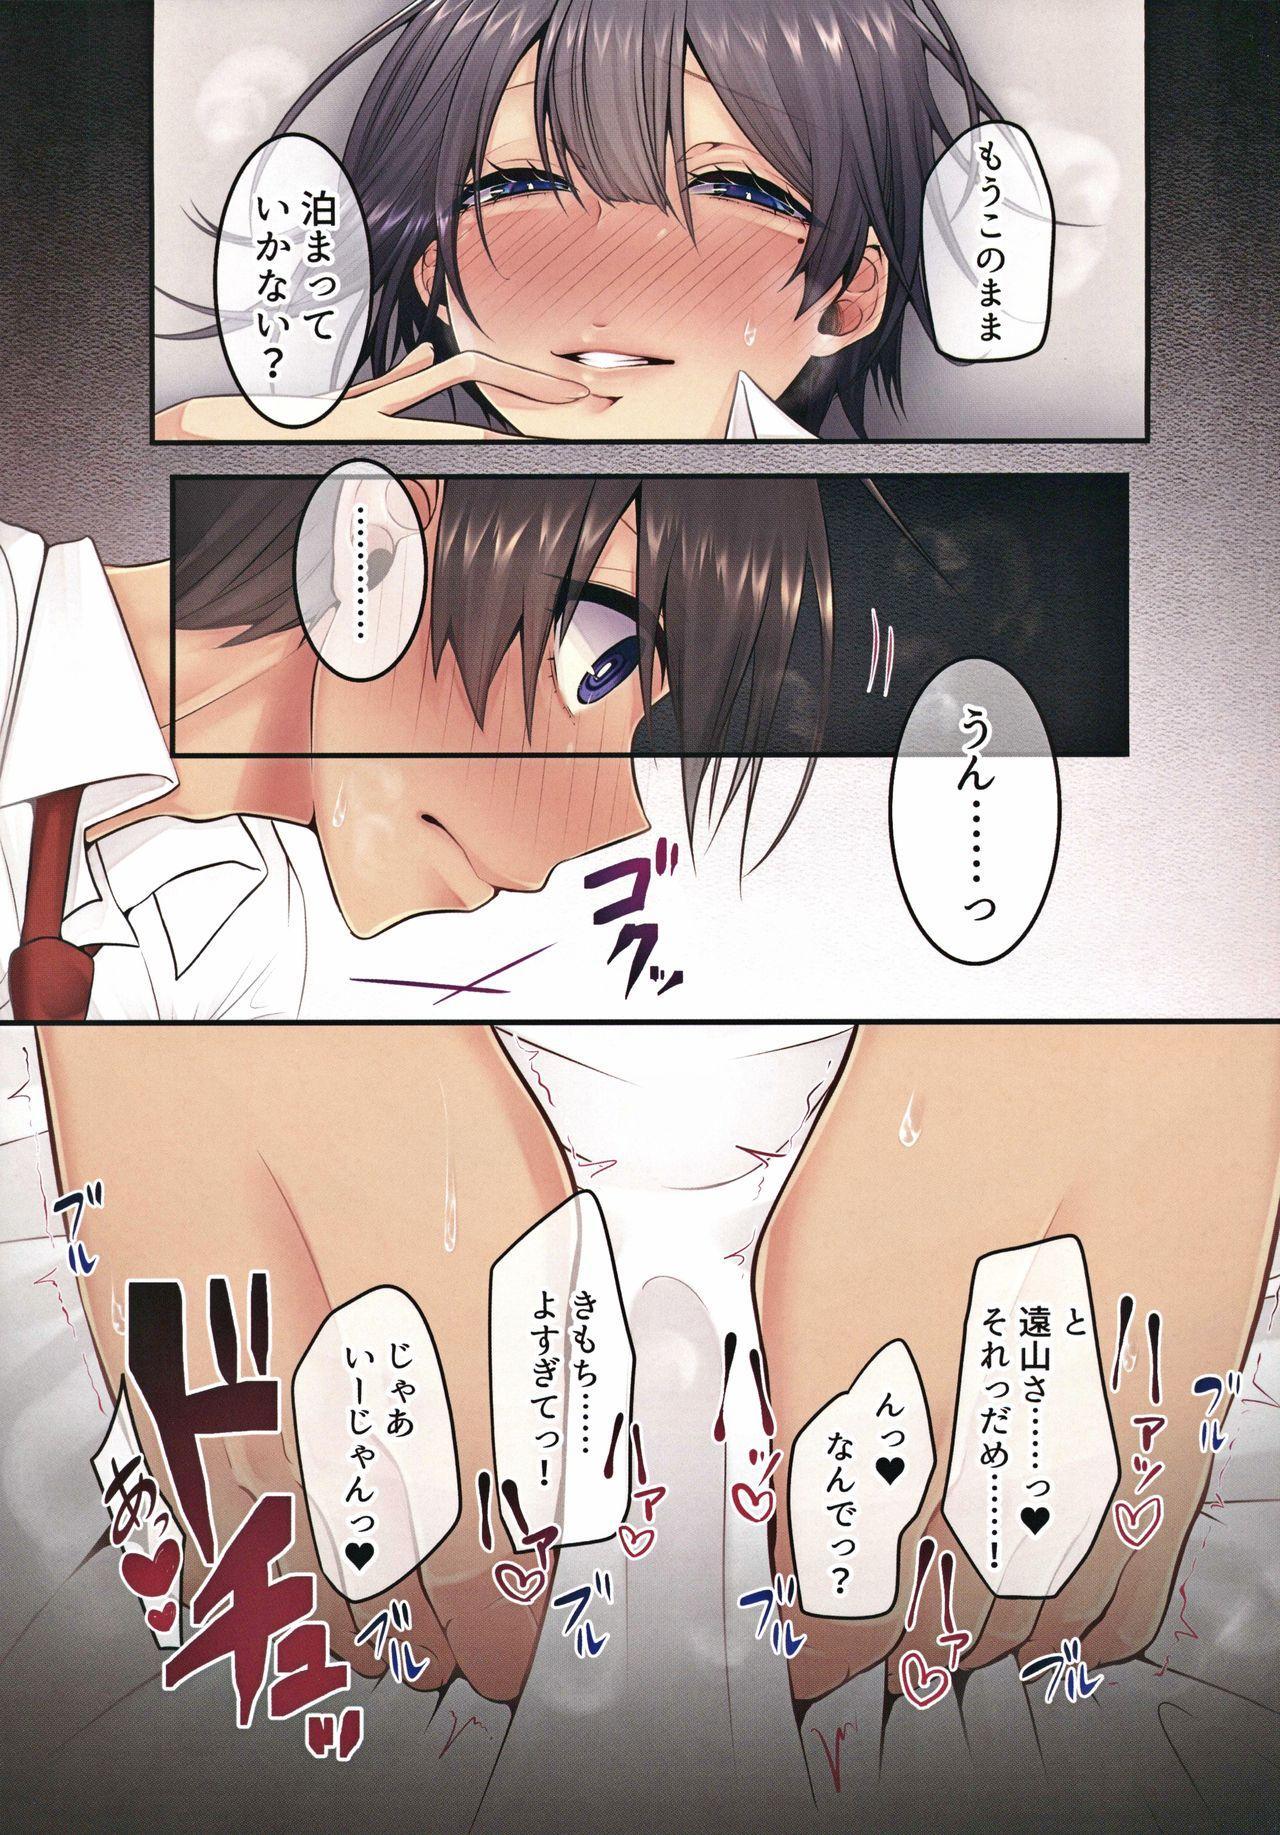 Erosugiru Karada o Shita Doukyuusei to no Hamemakuri Nakadashi Seikatsu 33